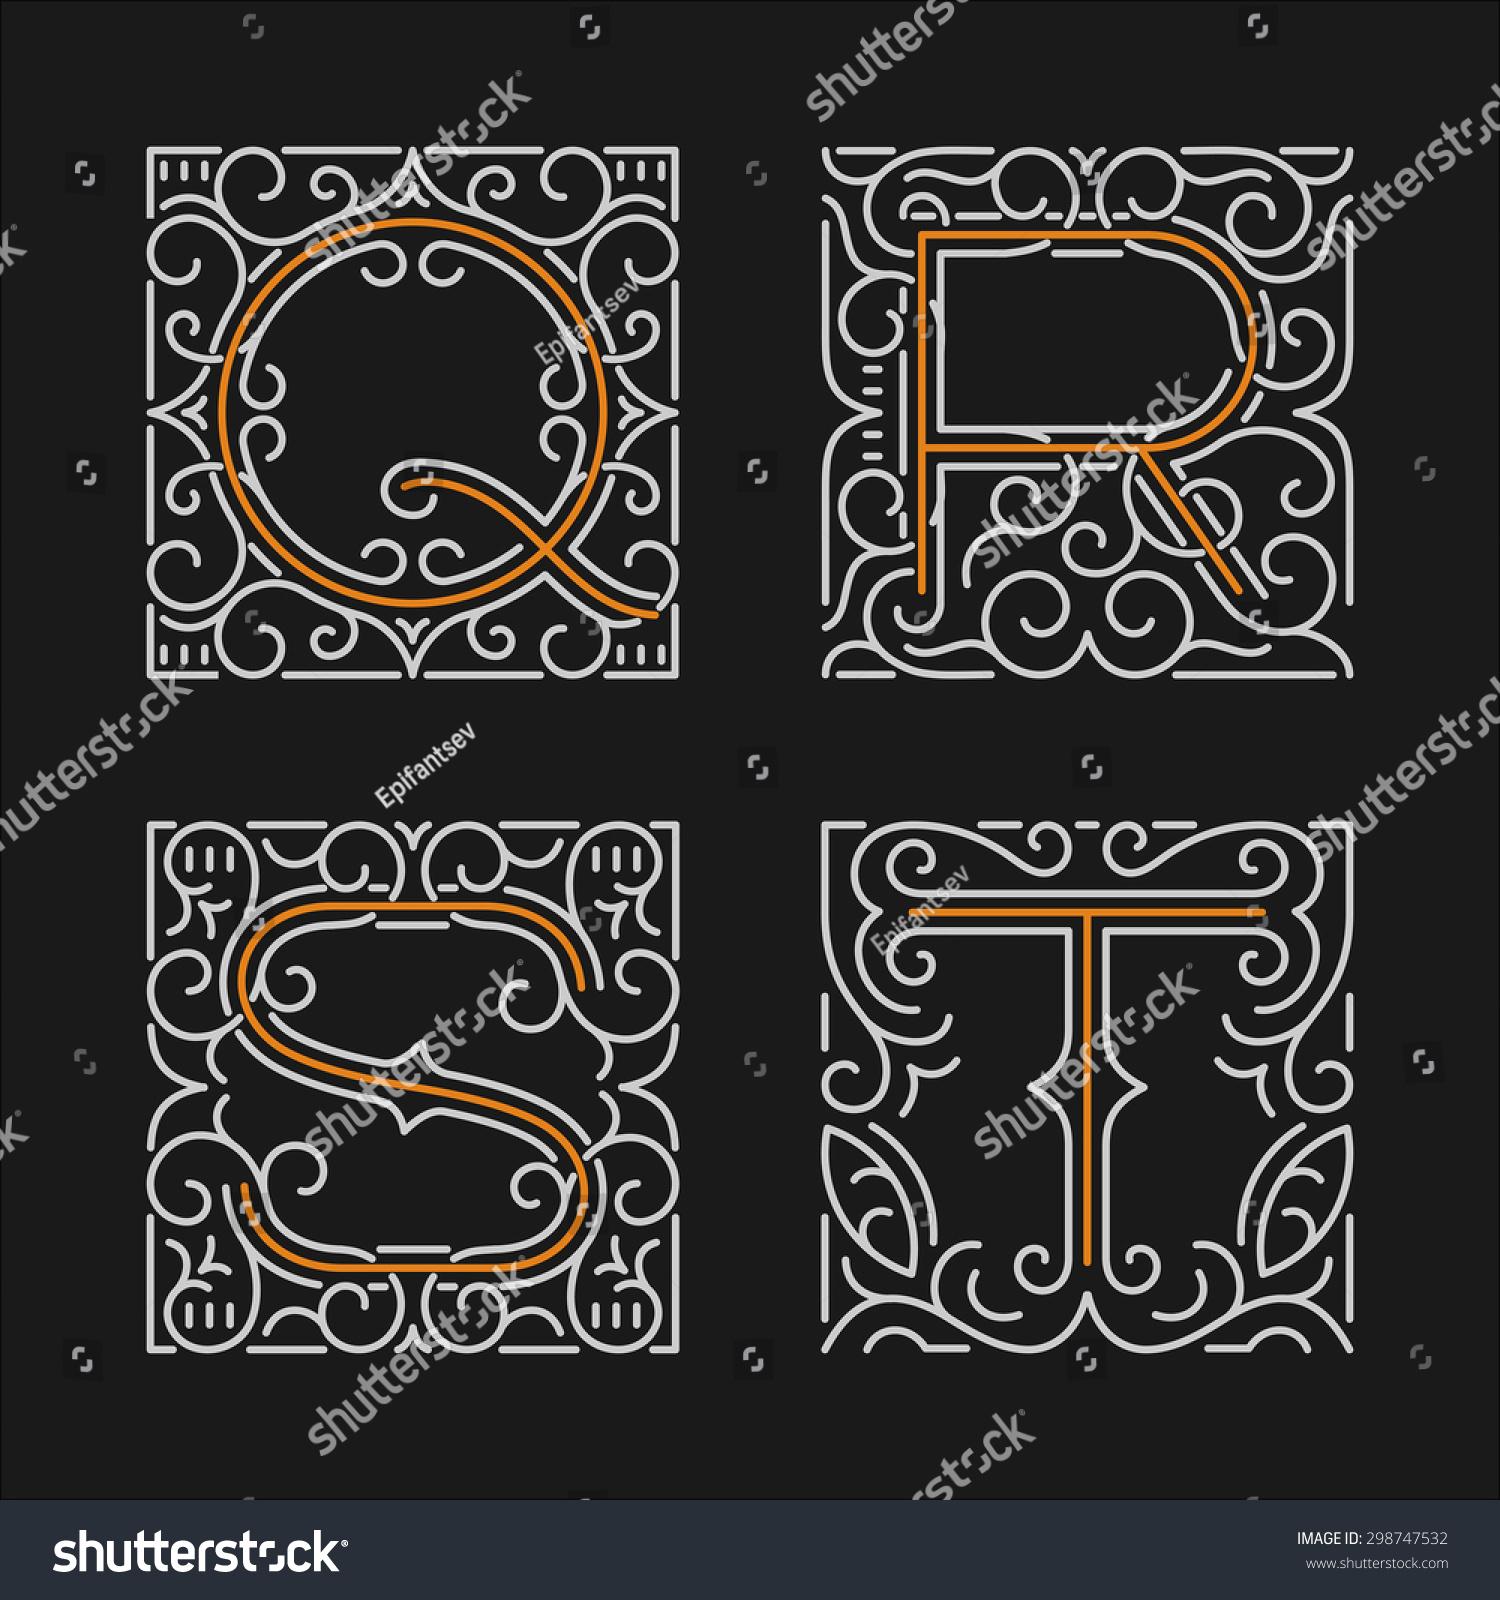 the set of monogram emblem templates elegant frames ornament logo design in line style with - Elegant Frames